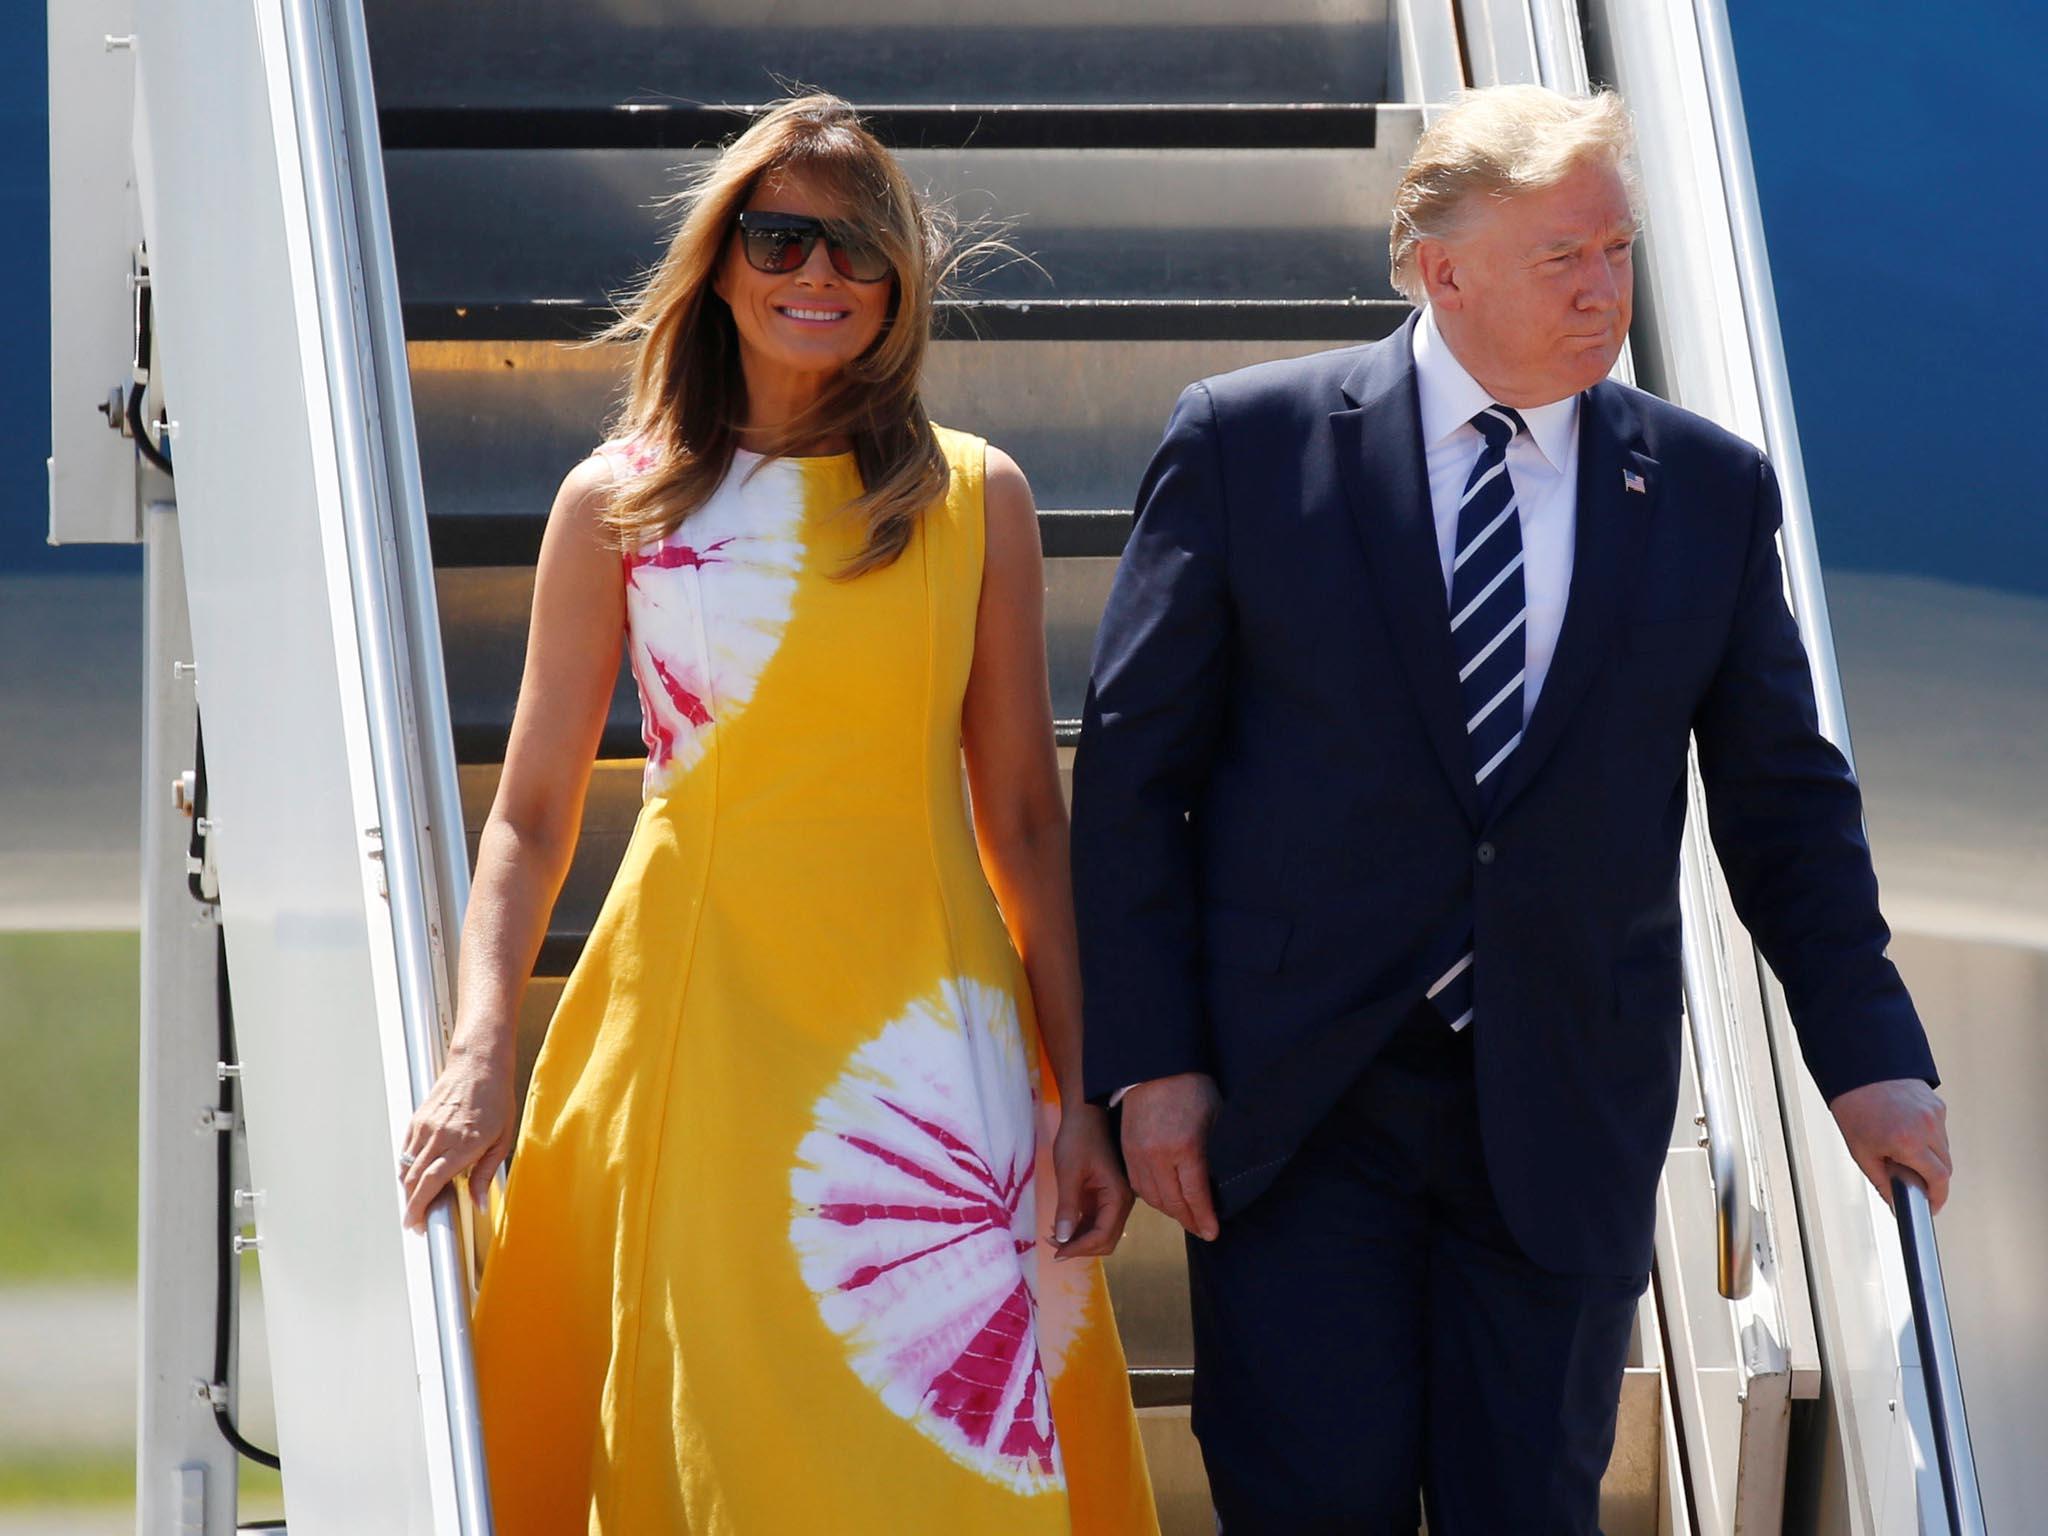 Podle francouzského prezidenta Emmanuela Macrona se lídři shodli naspolečných cílech vevztahu kÍránu, americký prezident Donald Trump má zato, že se jich ale má každá země pokusit dosáhnout samostatně.